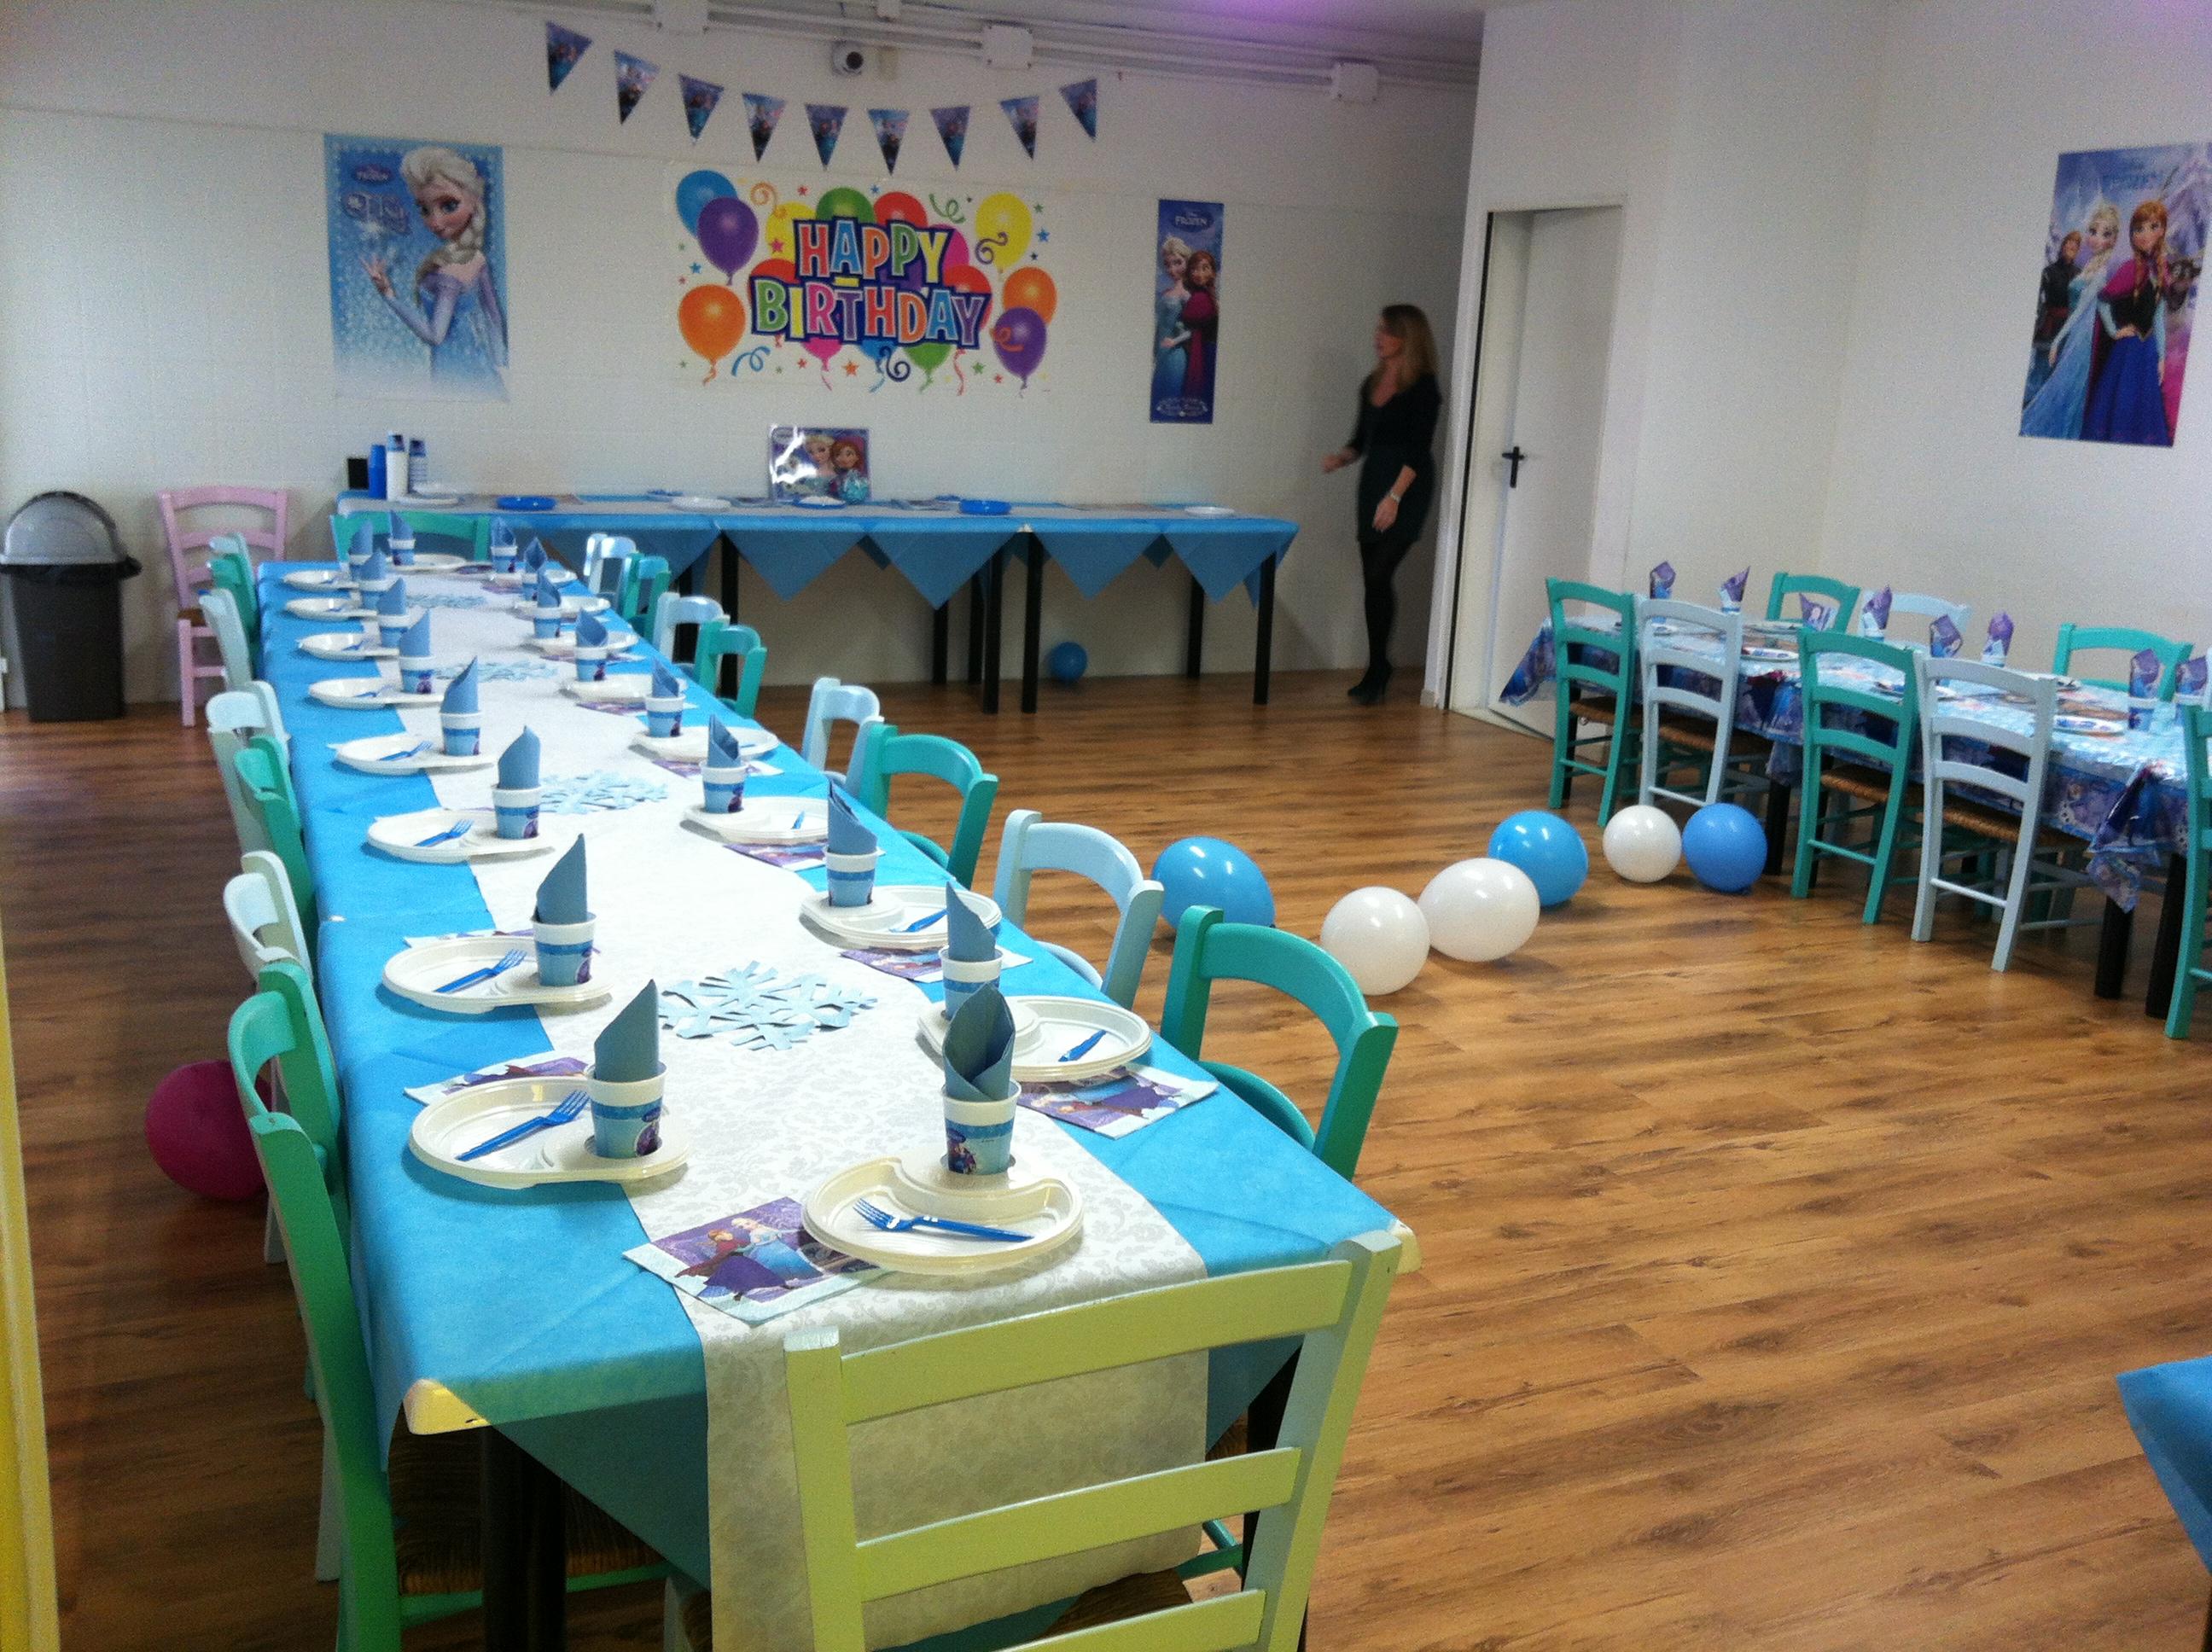 Festa di compleanno al nemo diglass il piatto portabicchiere for Piatti e bicchieri per feste bambini